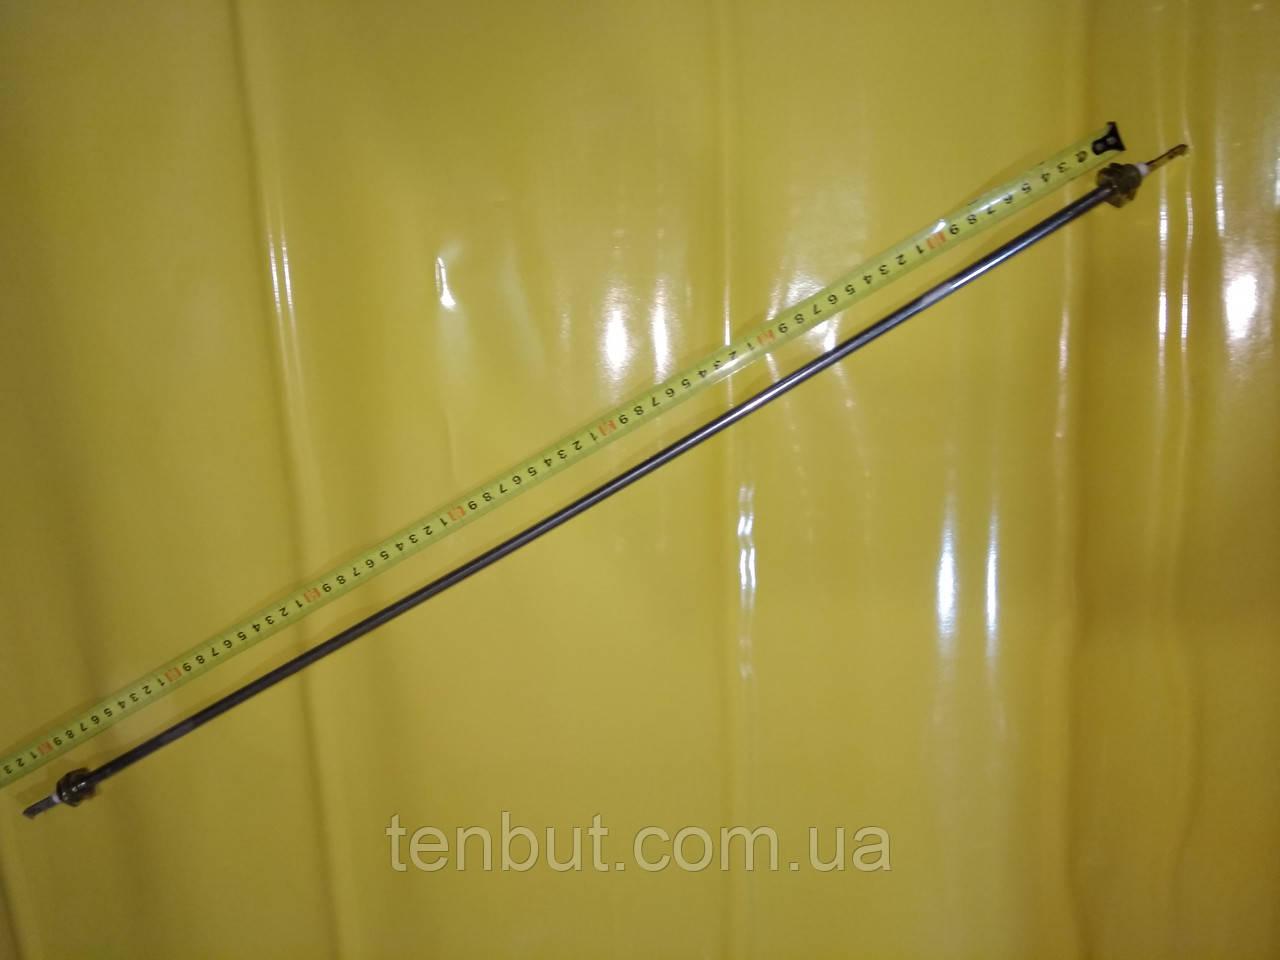 Гибкий водяной тэн Ф-8 мм./ L-70 см./ 2.0 кВт. производство Турция Sanal